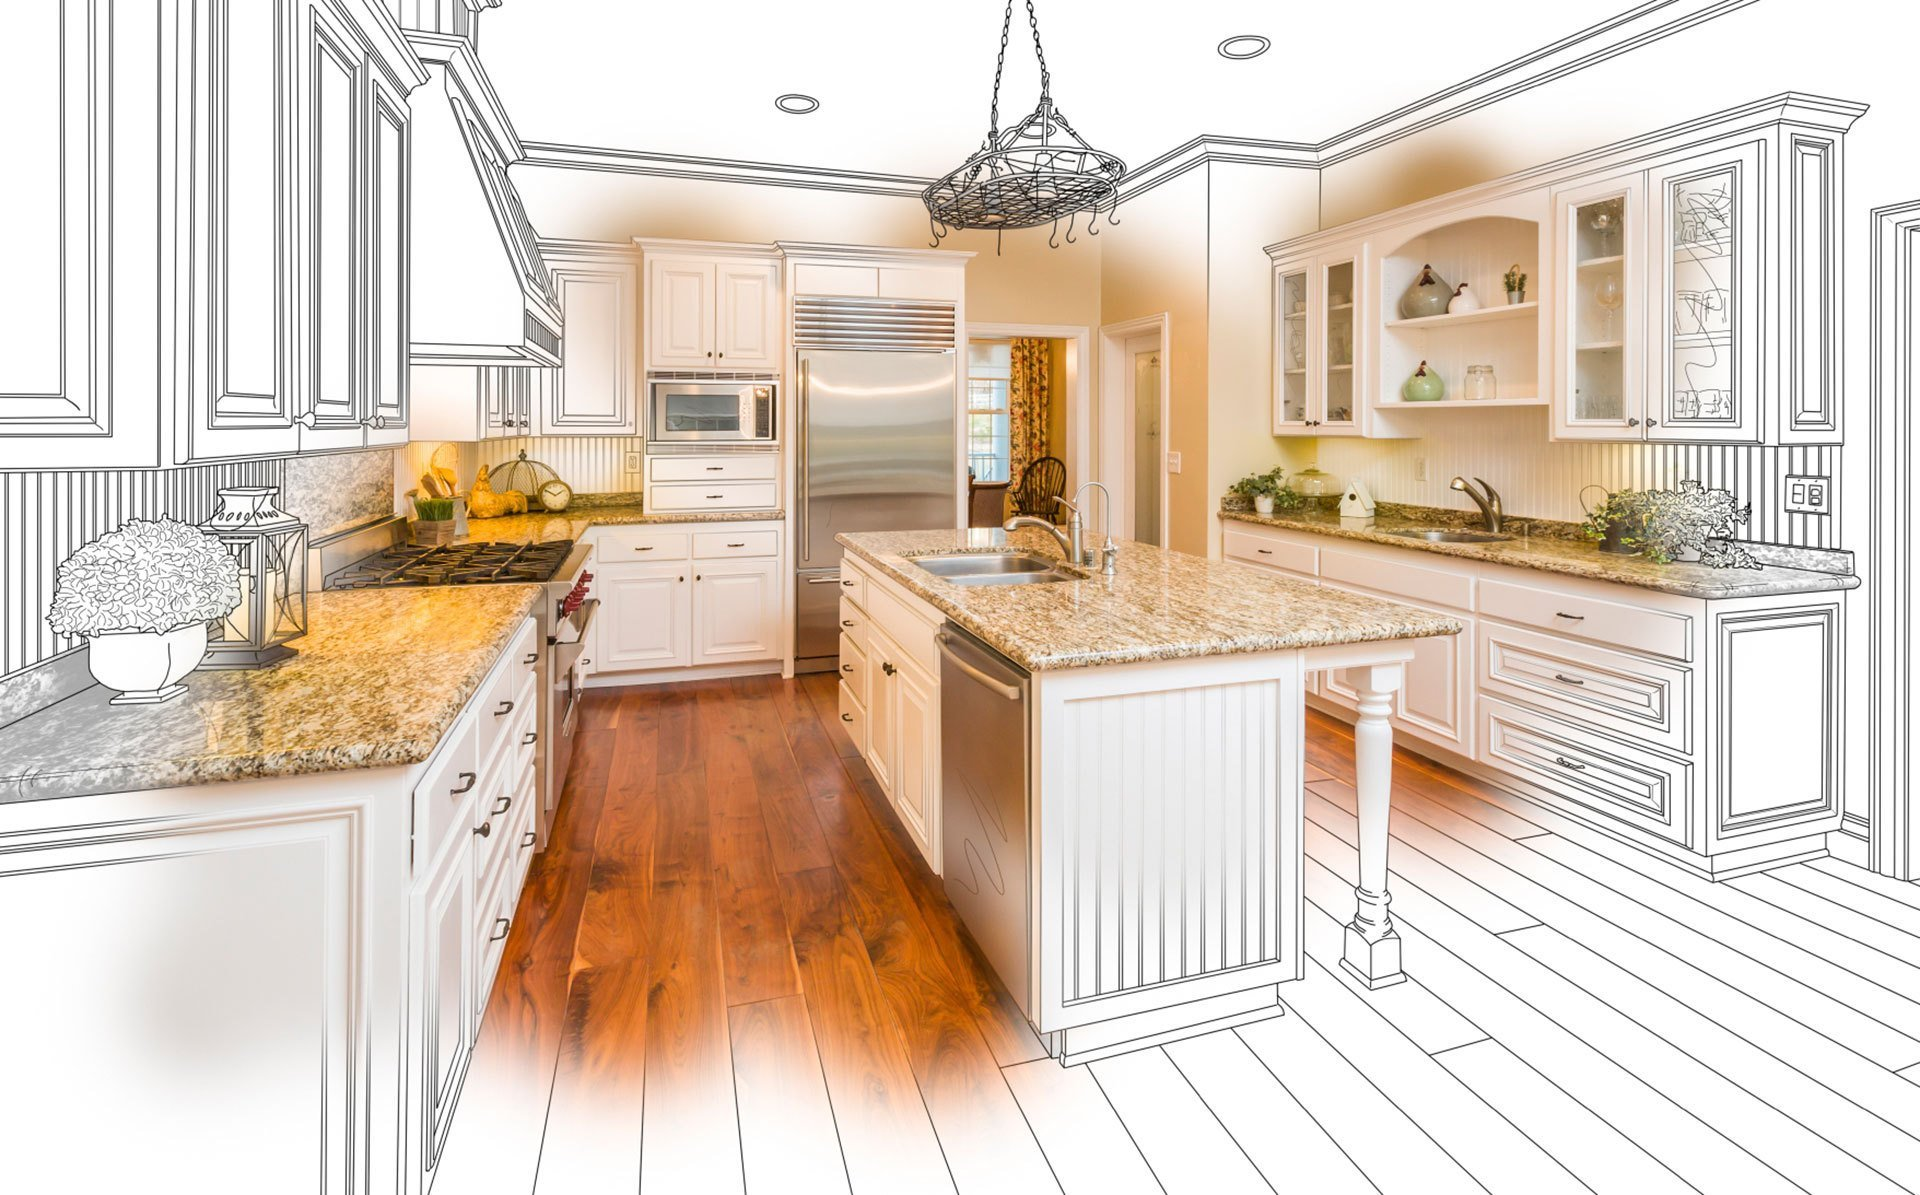 Keuken Laten Plaatsen : Een nieuwe keuken laten plaatsen wat kost een keuken plaatsen